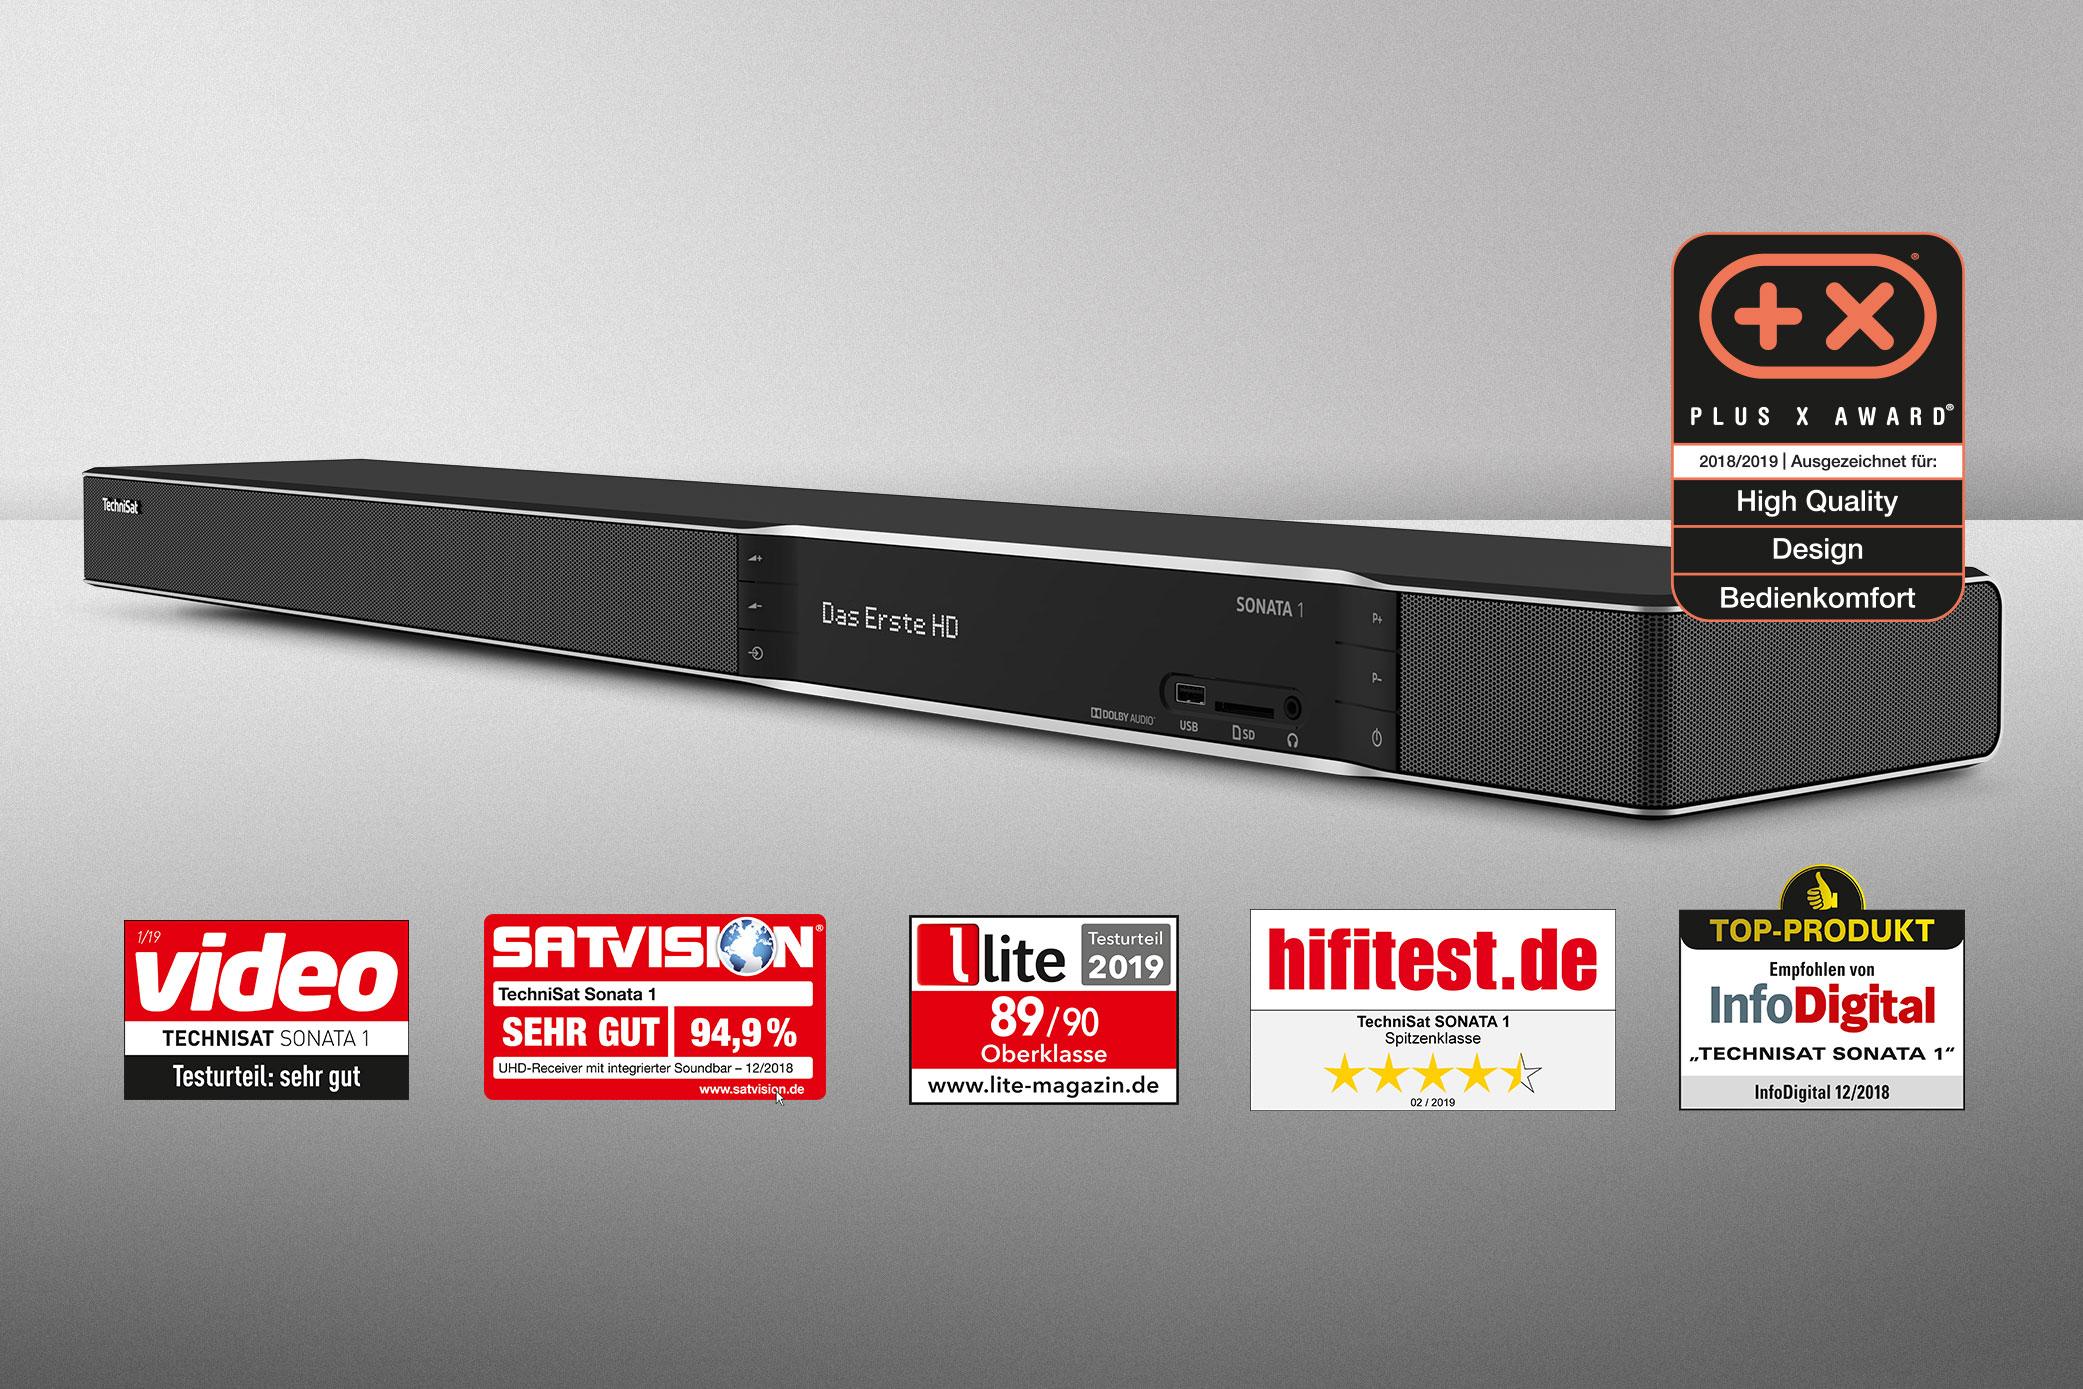 """Vielfach ausgezeichnet – die SONATA 1 """"Made in Germany"""""""